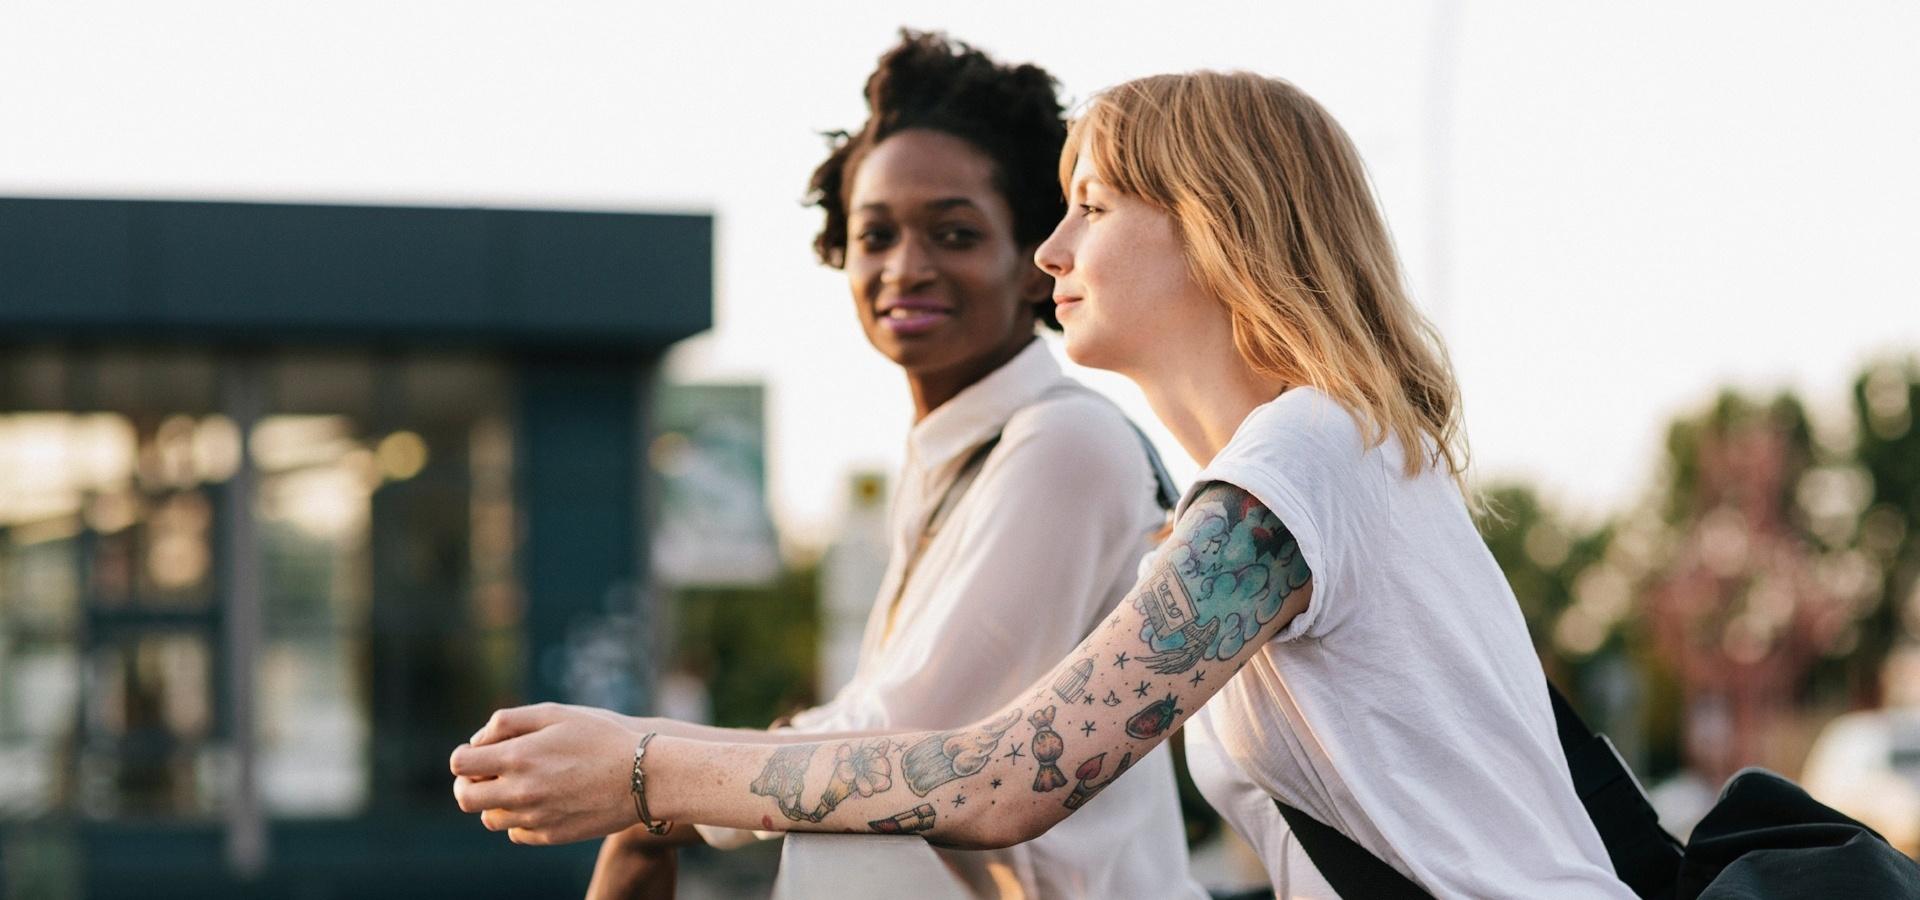 Kuvituskuva. Kaksi nuorta nojaa hymyillen ulkona kaiteeseen.